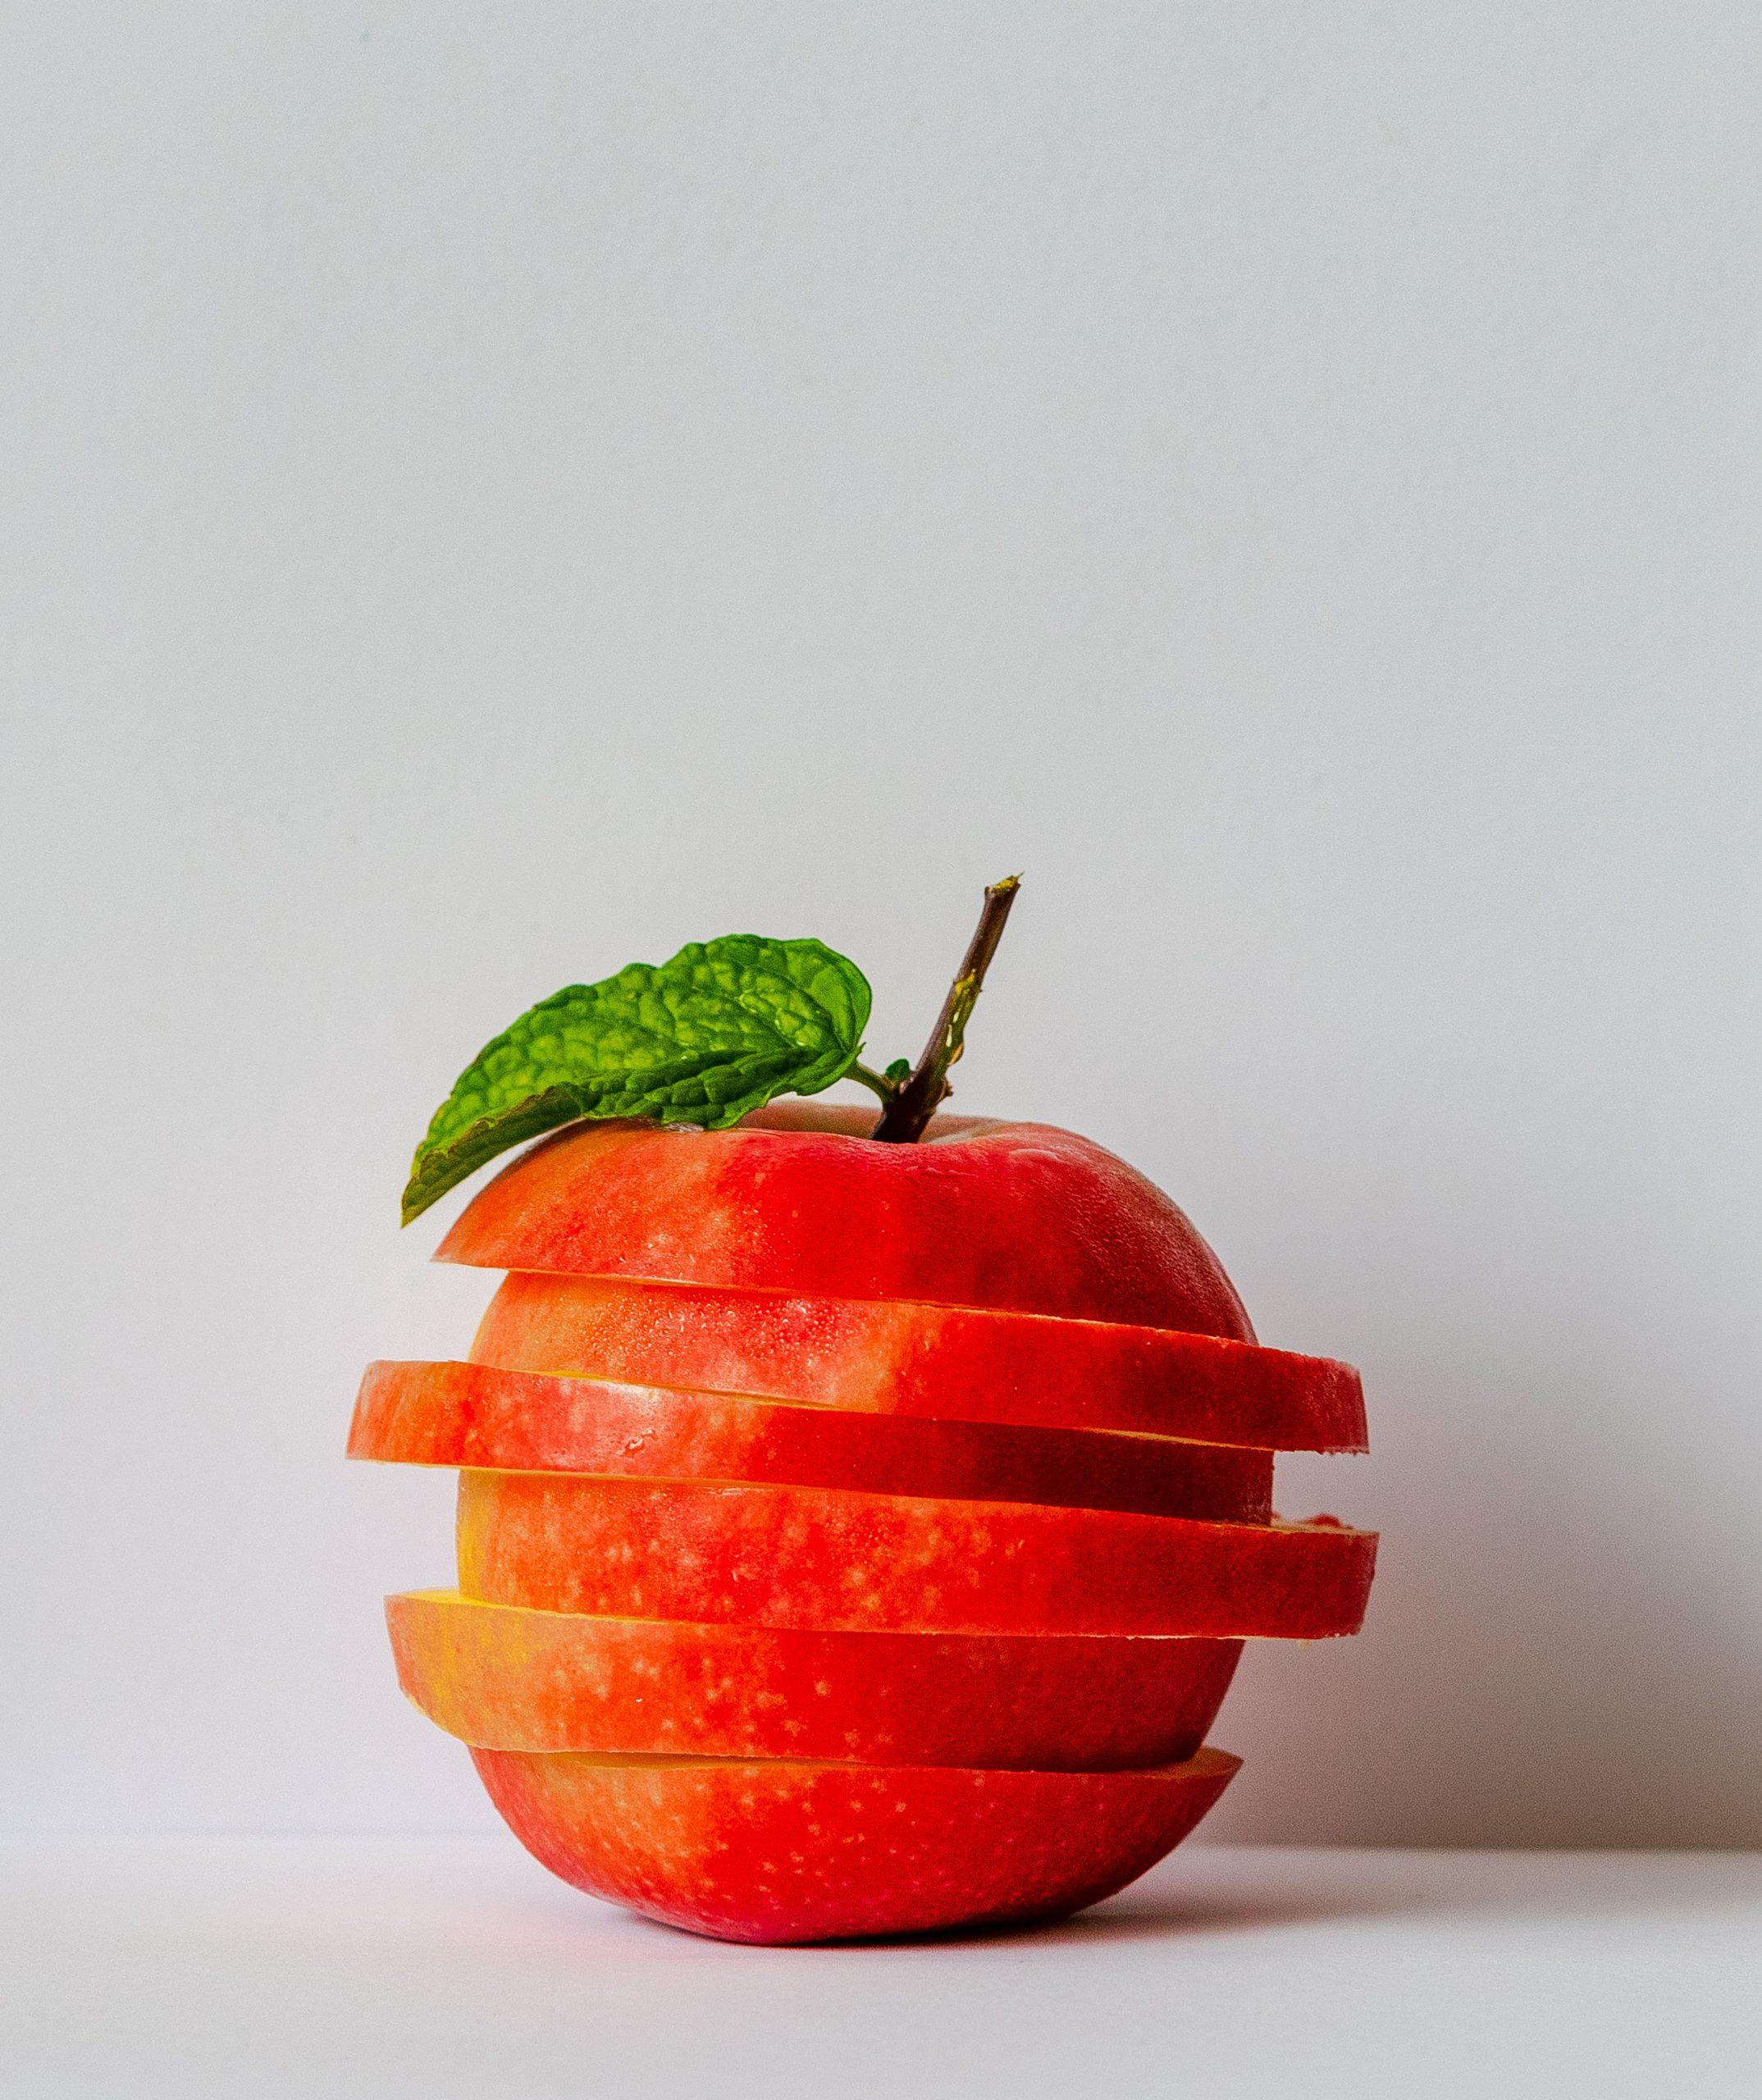 manzana para hacer vinagre de manzana